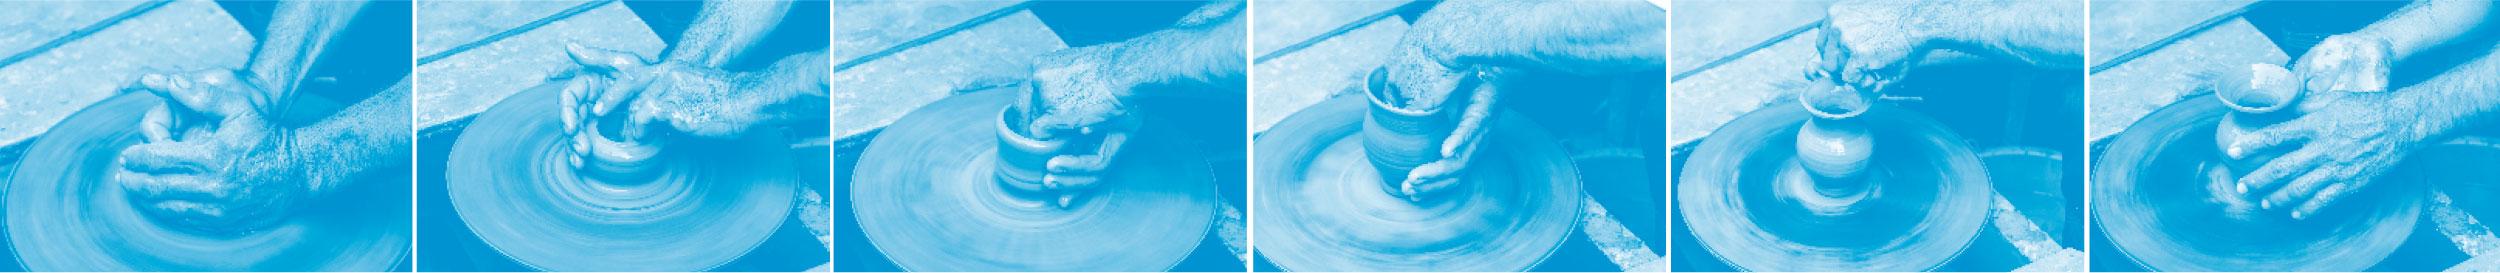 proceso-ceramica-ciudades-ceramica